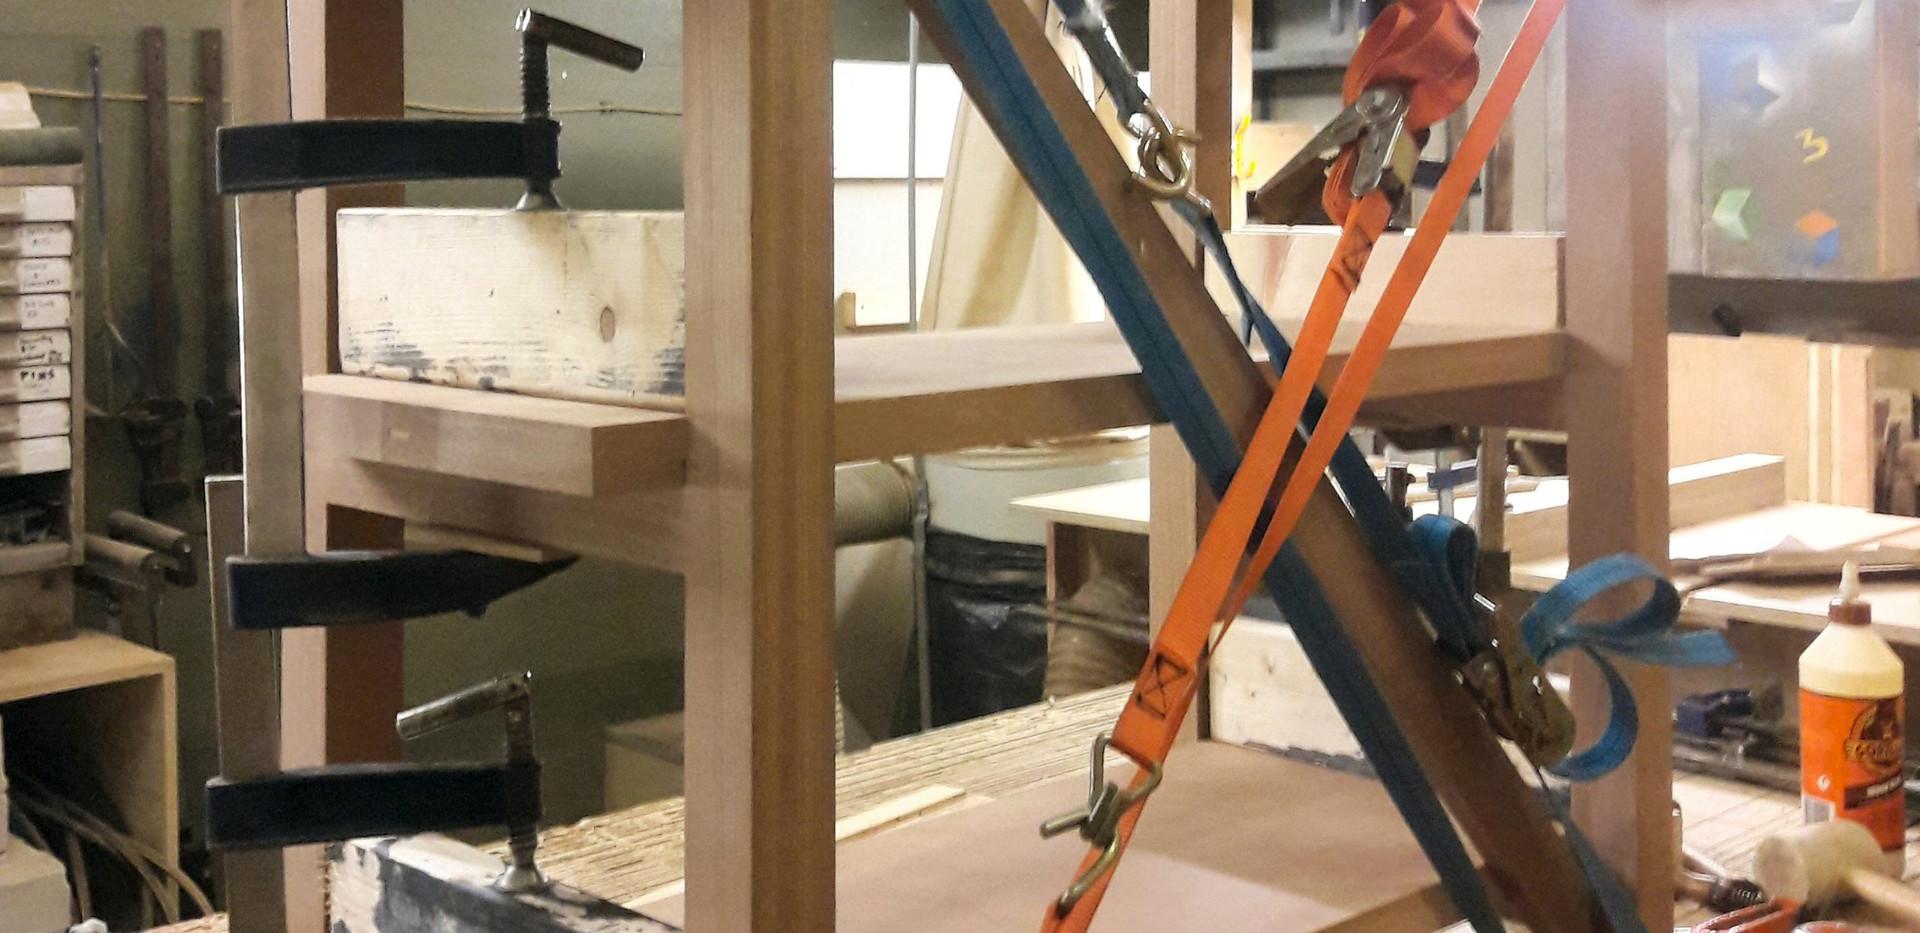 Shelf assembly